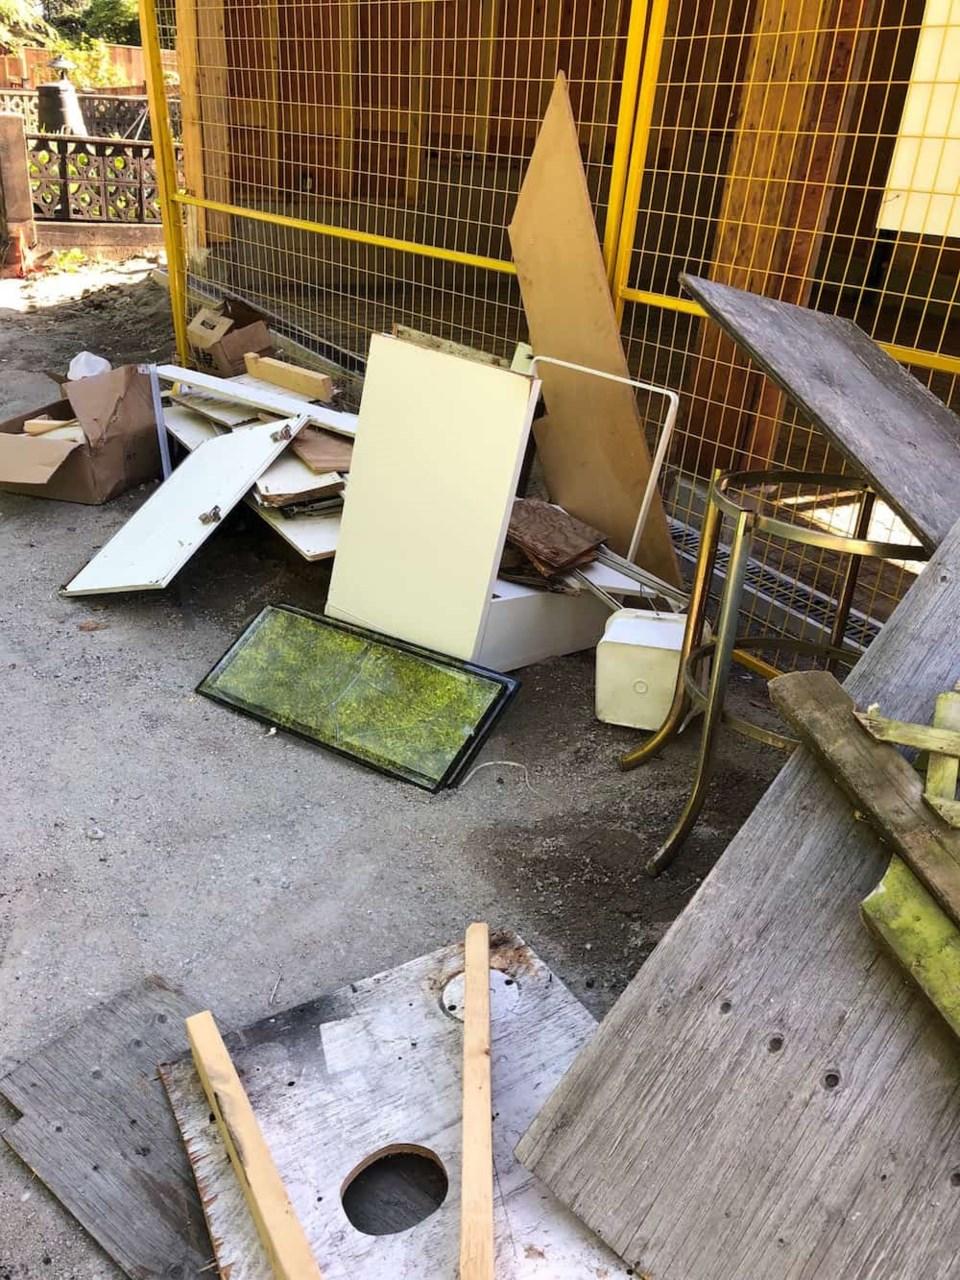 boards-dumped